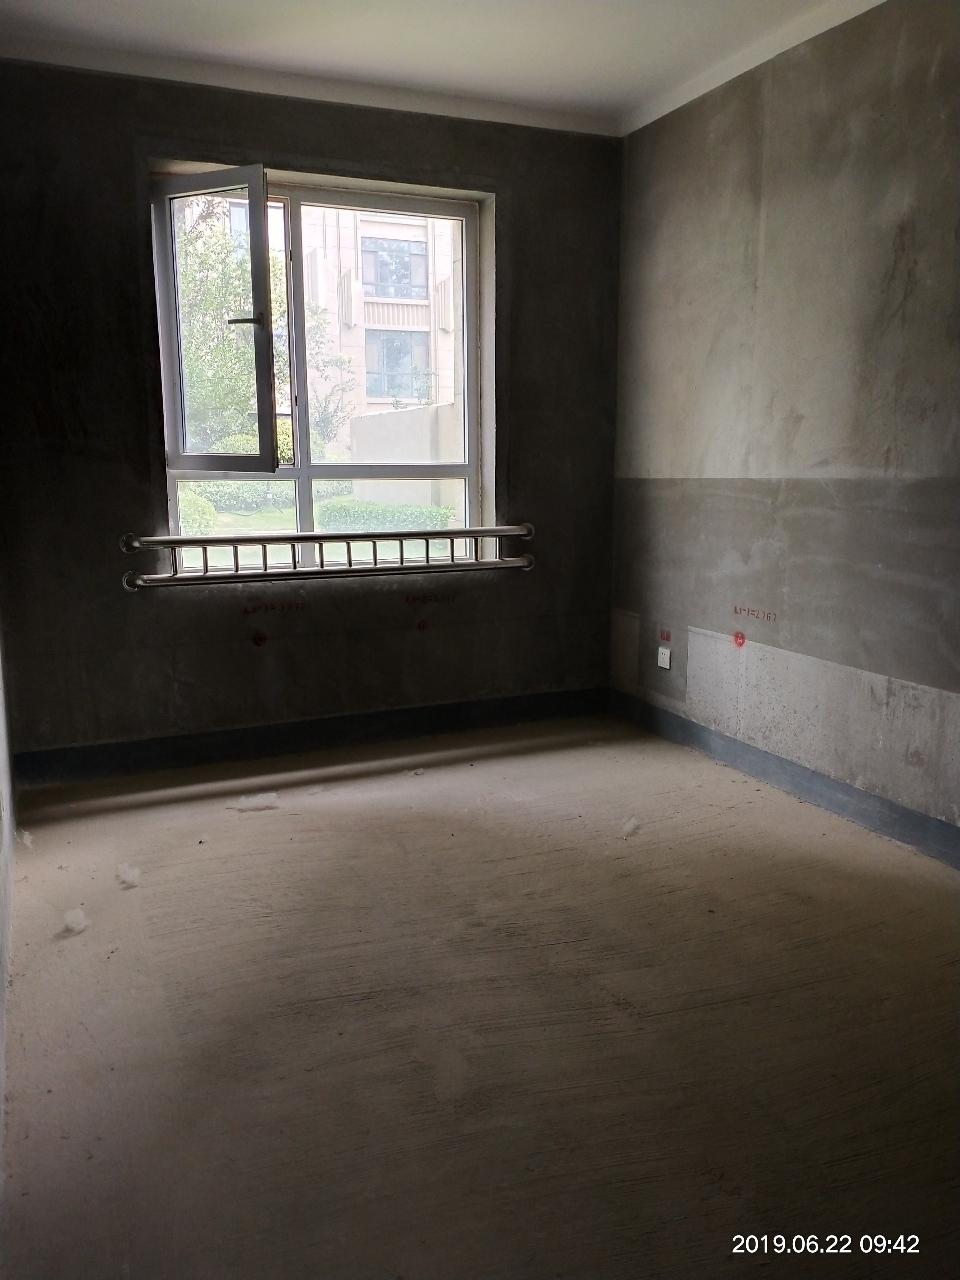 東湖旁的高檔小區3室2廳2衛73萬元